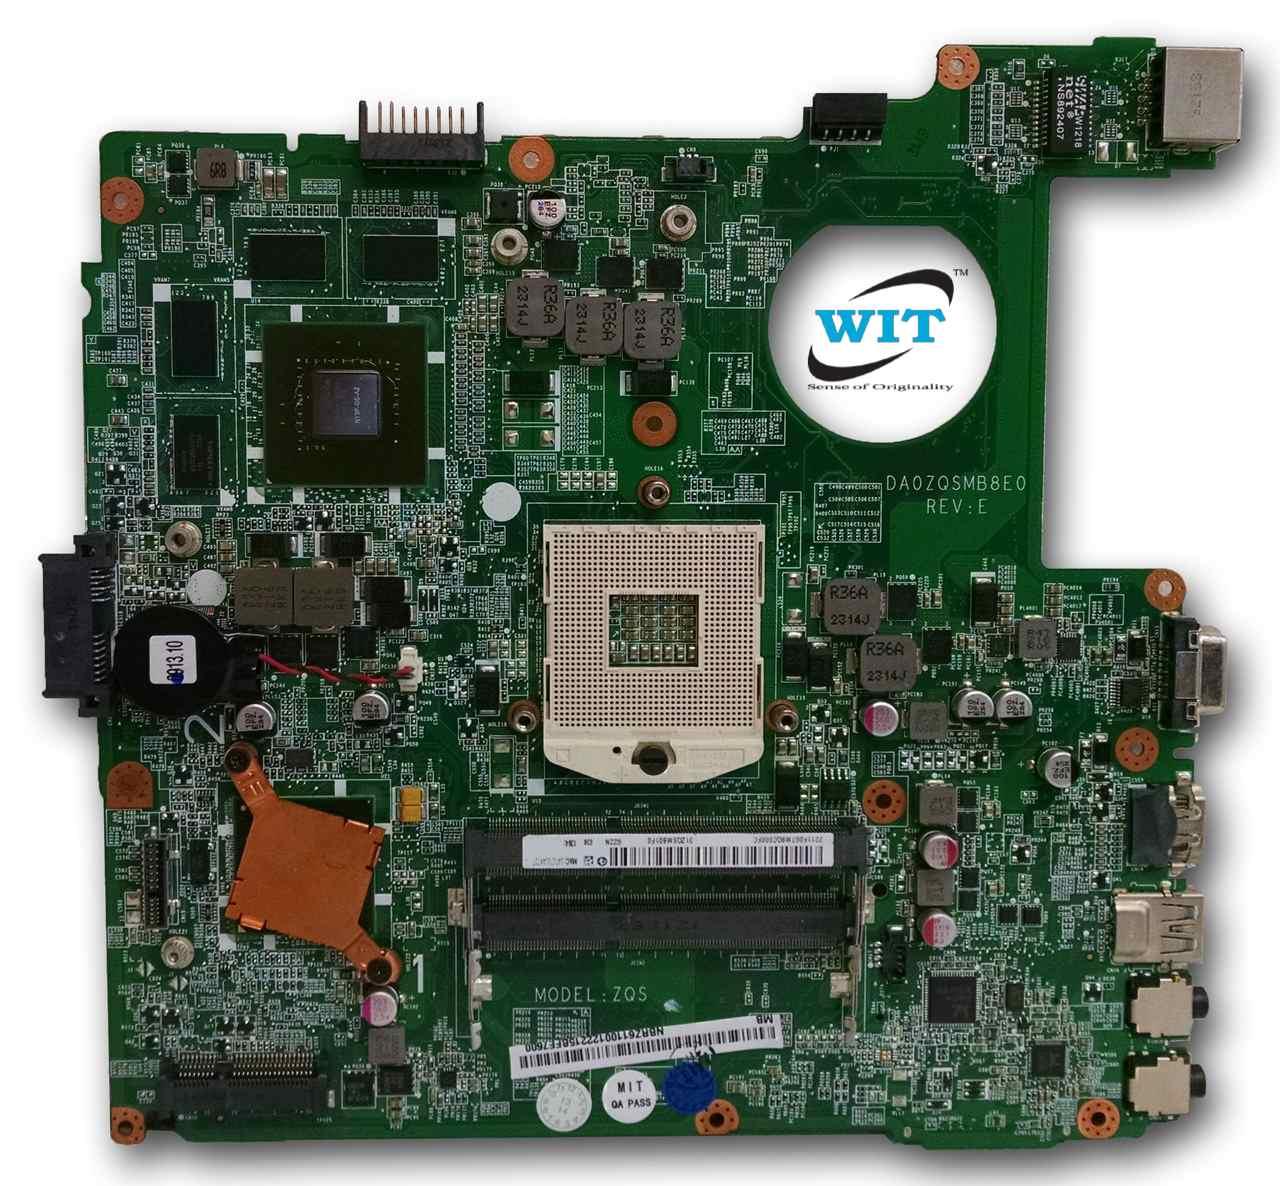 Acer Aspire V3-471 V3-431 E1-471 E1-431 Motherboard DAZQSAMB6F1 DA0ZQSMB8E0  REV: E